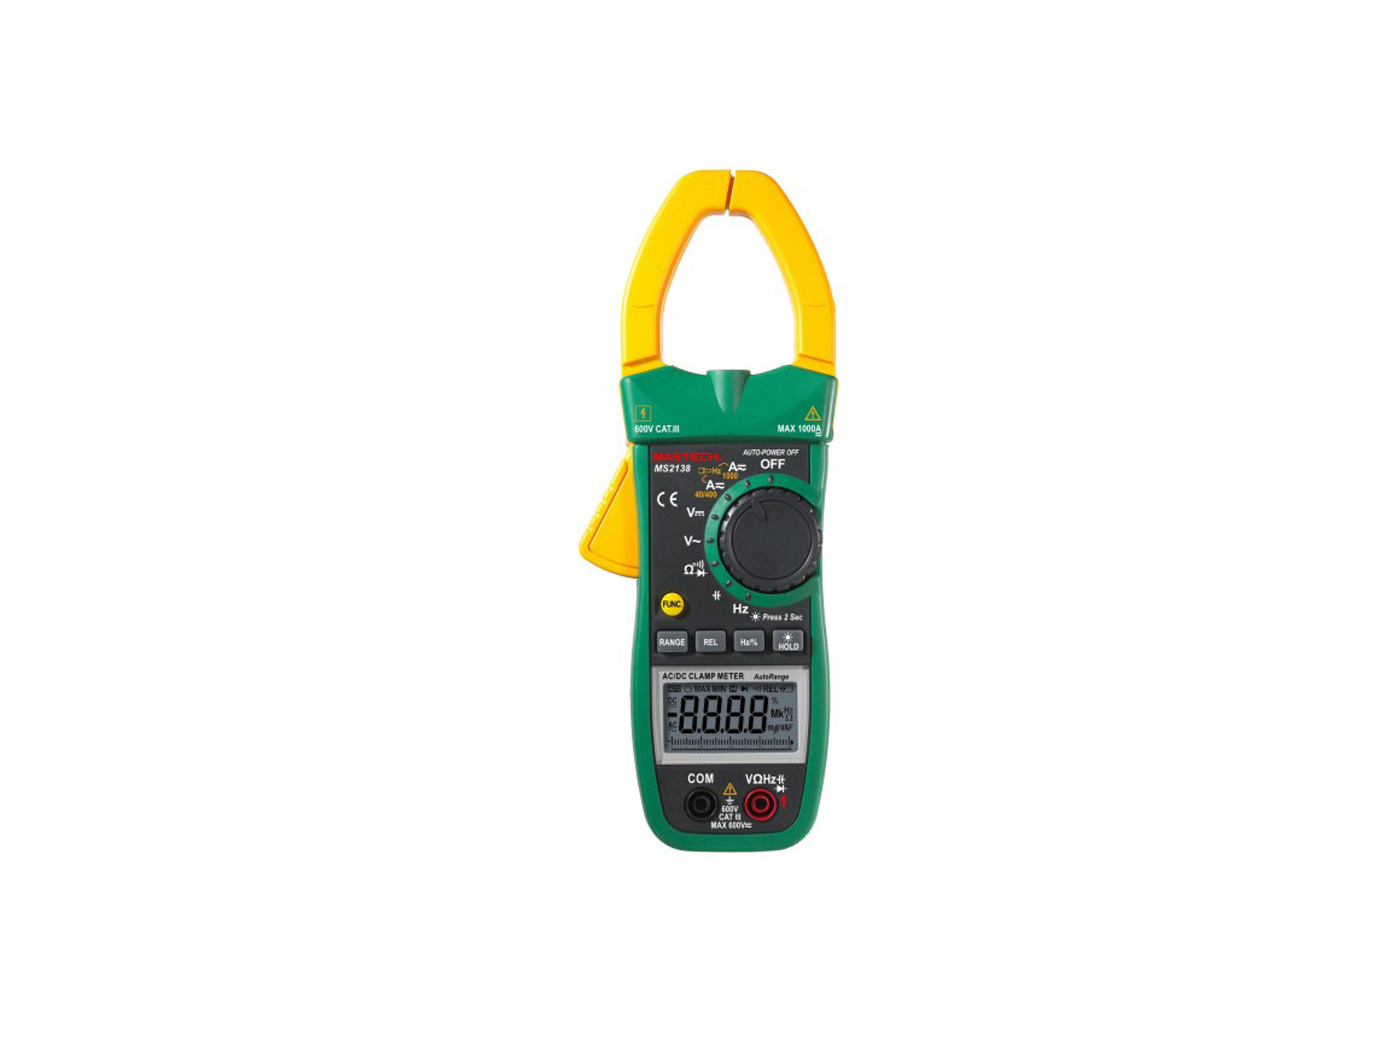 Mastech MS 2138R Clamp Meter